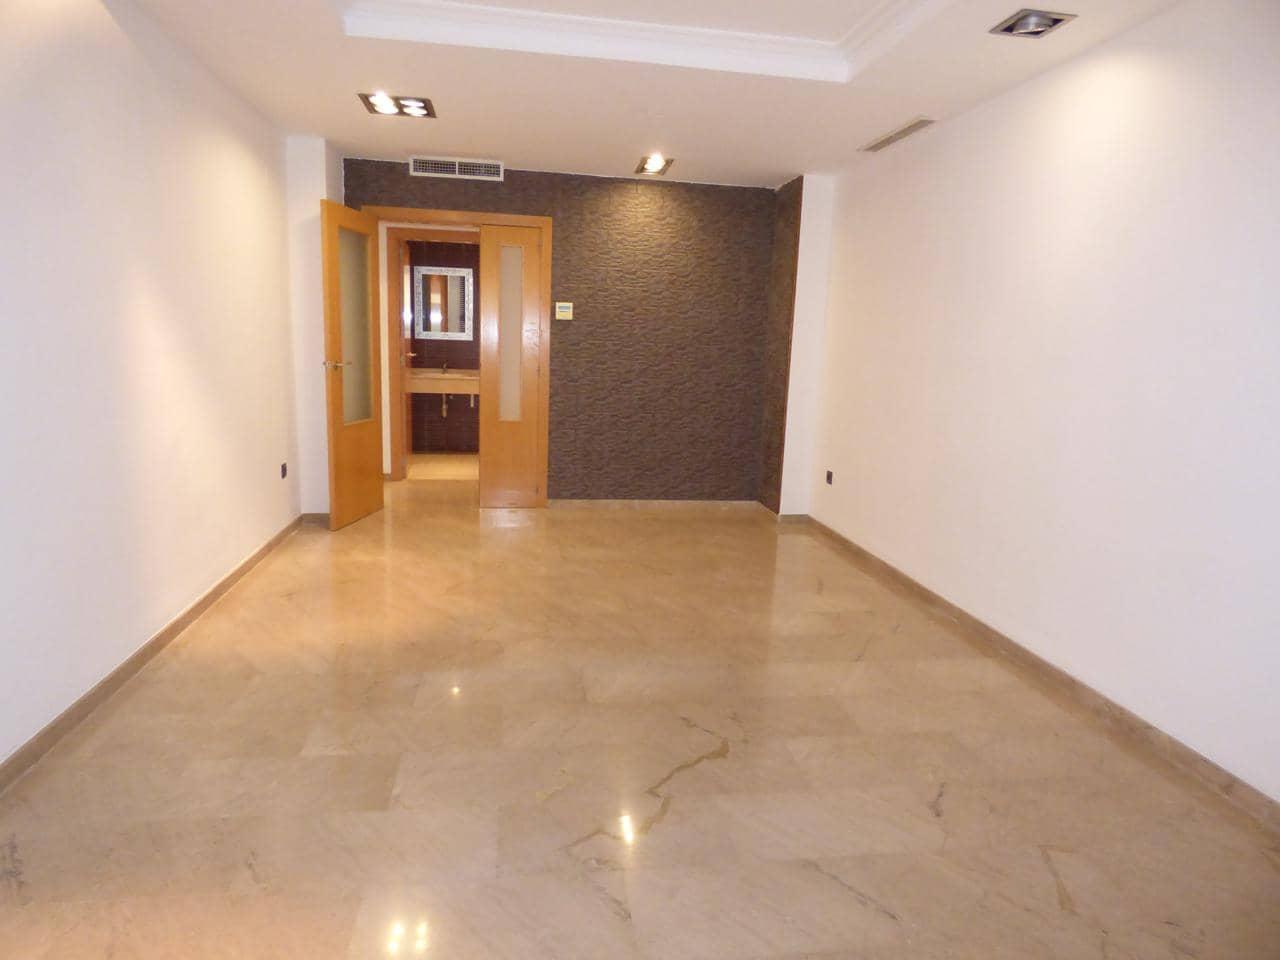 3 chambre Appartement à vendre à Tavernes Blanques - 155 000 € (Ref: 5557080)